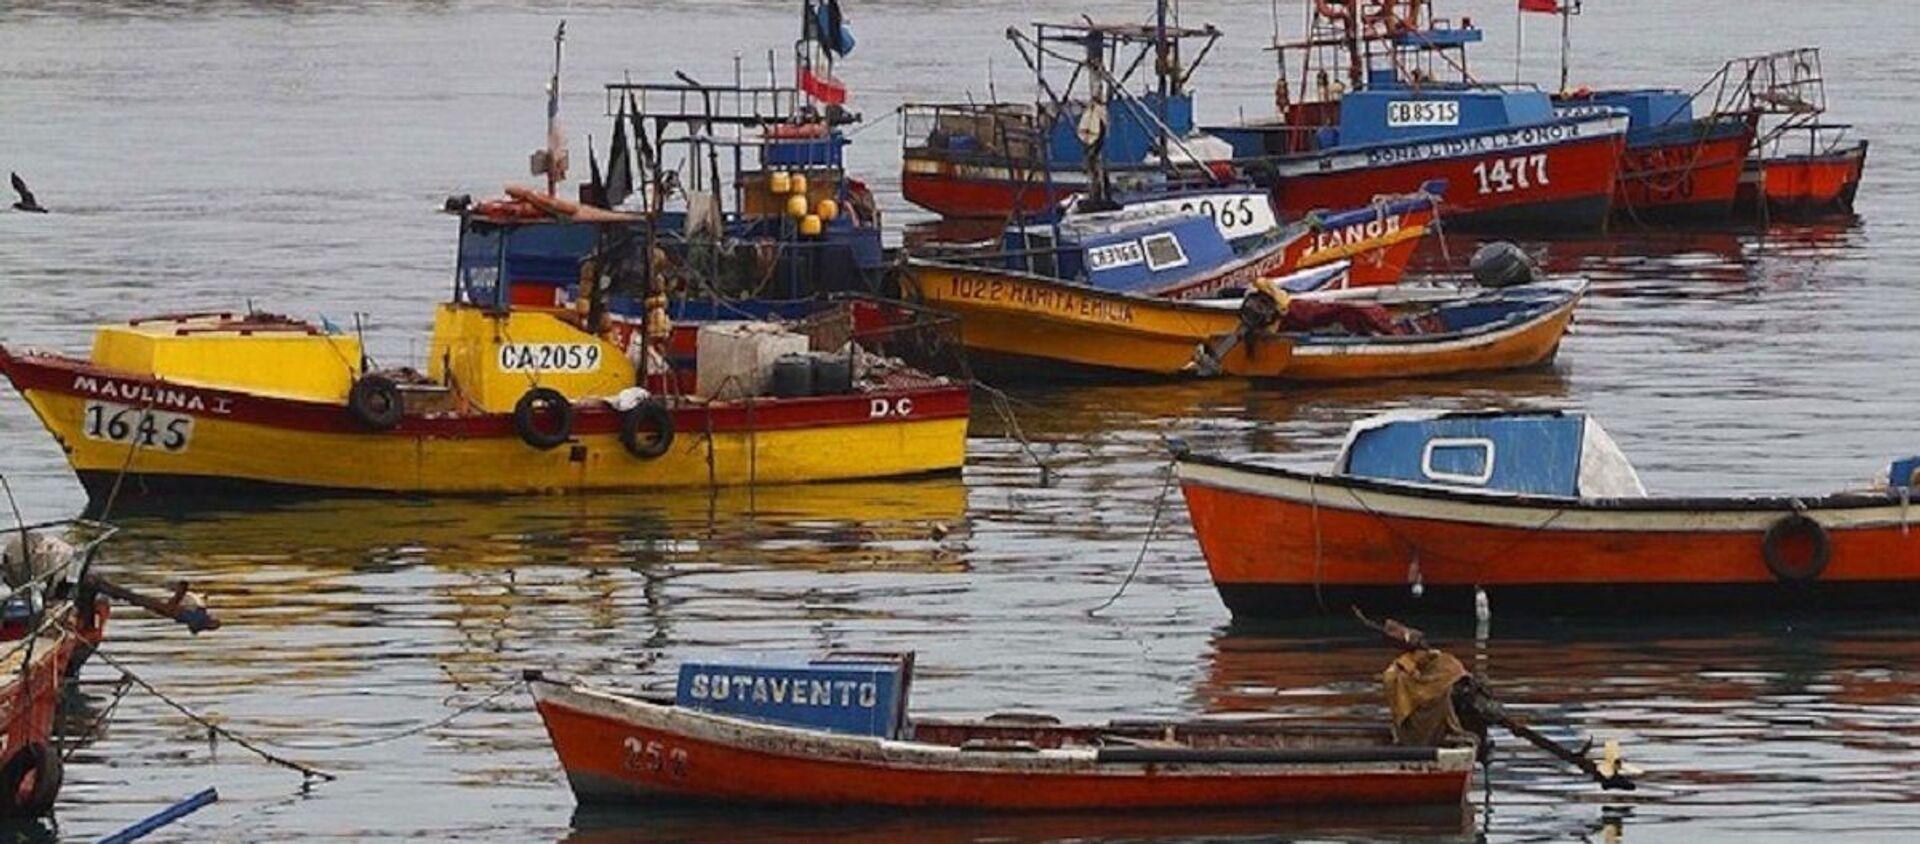 Pesca artesanal en Chile - Sputnik Mundo, 1920, 06.07.2020